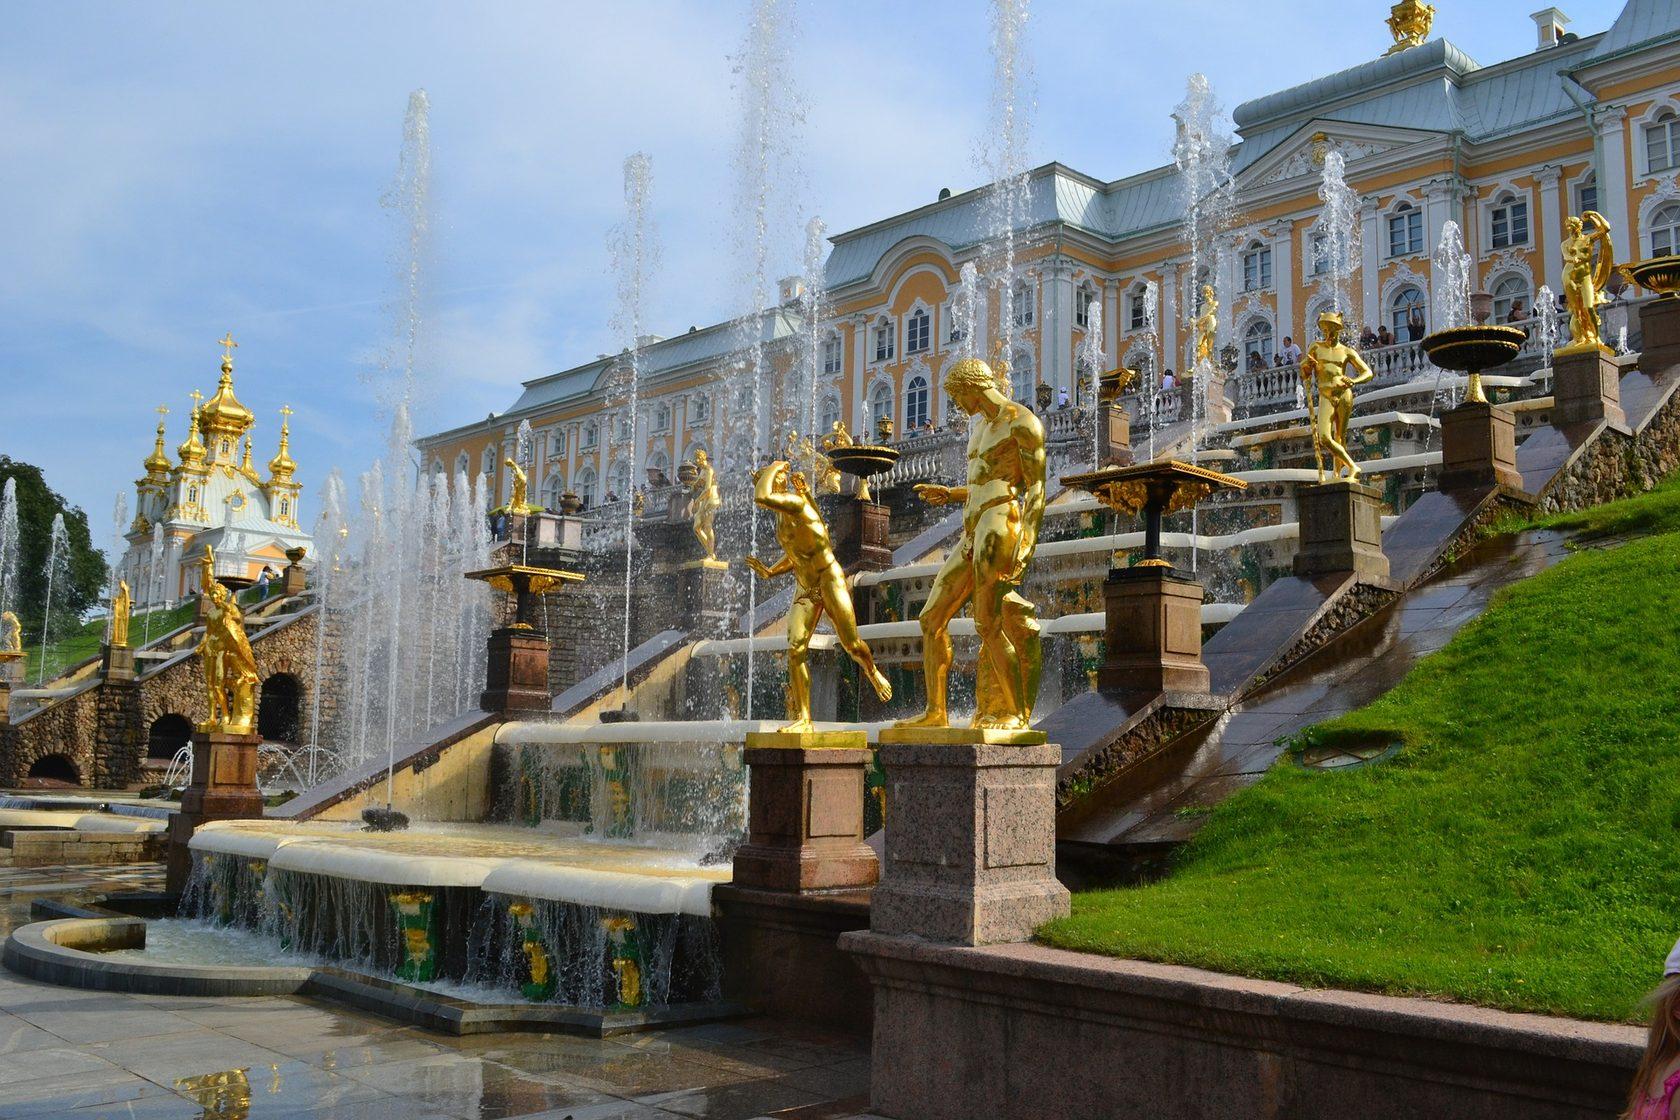 Peterhof - bảo tàng được Nga khách thăm nhiều nhất trong năm 2018